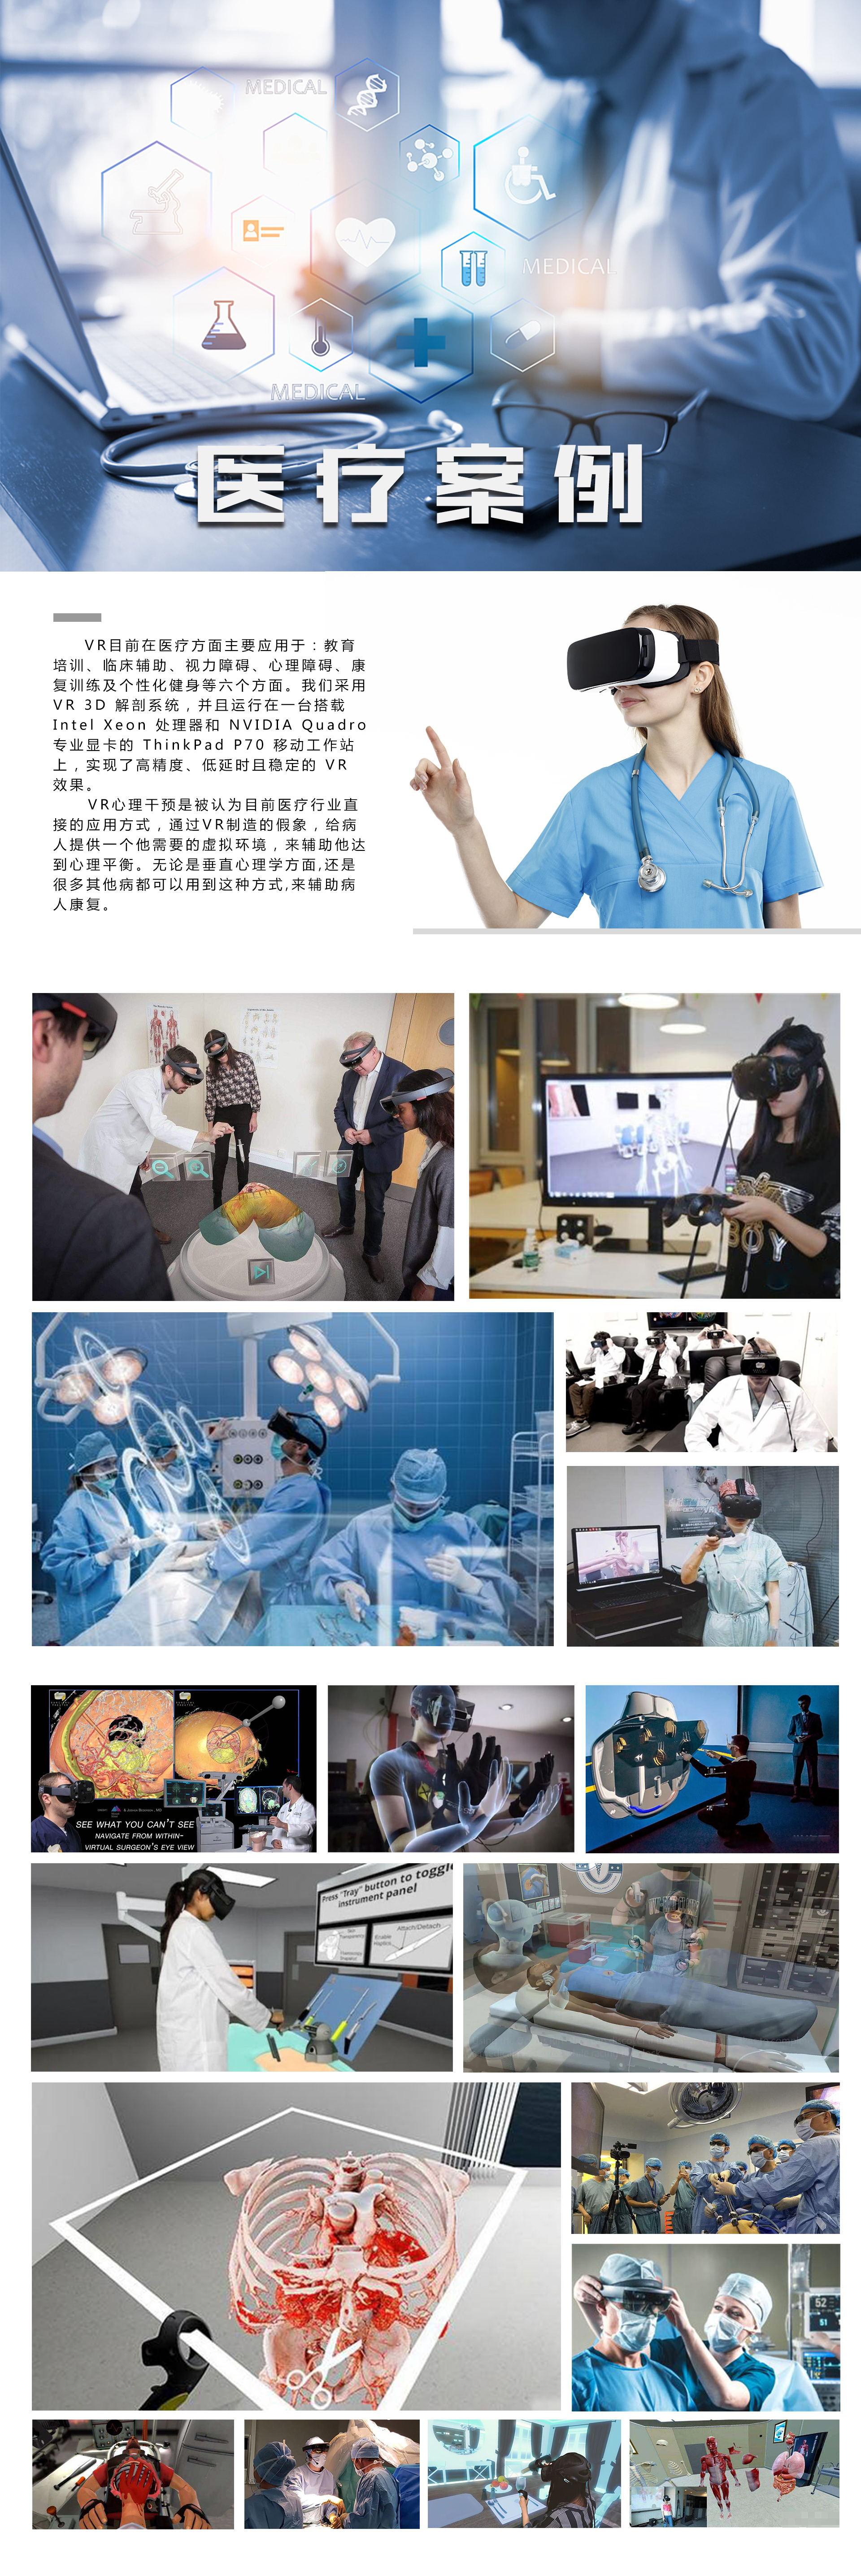 拓普虚拟研究院